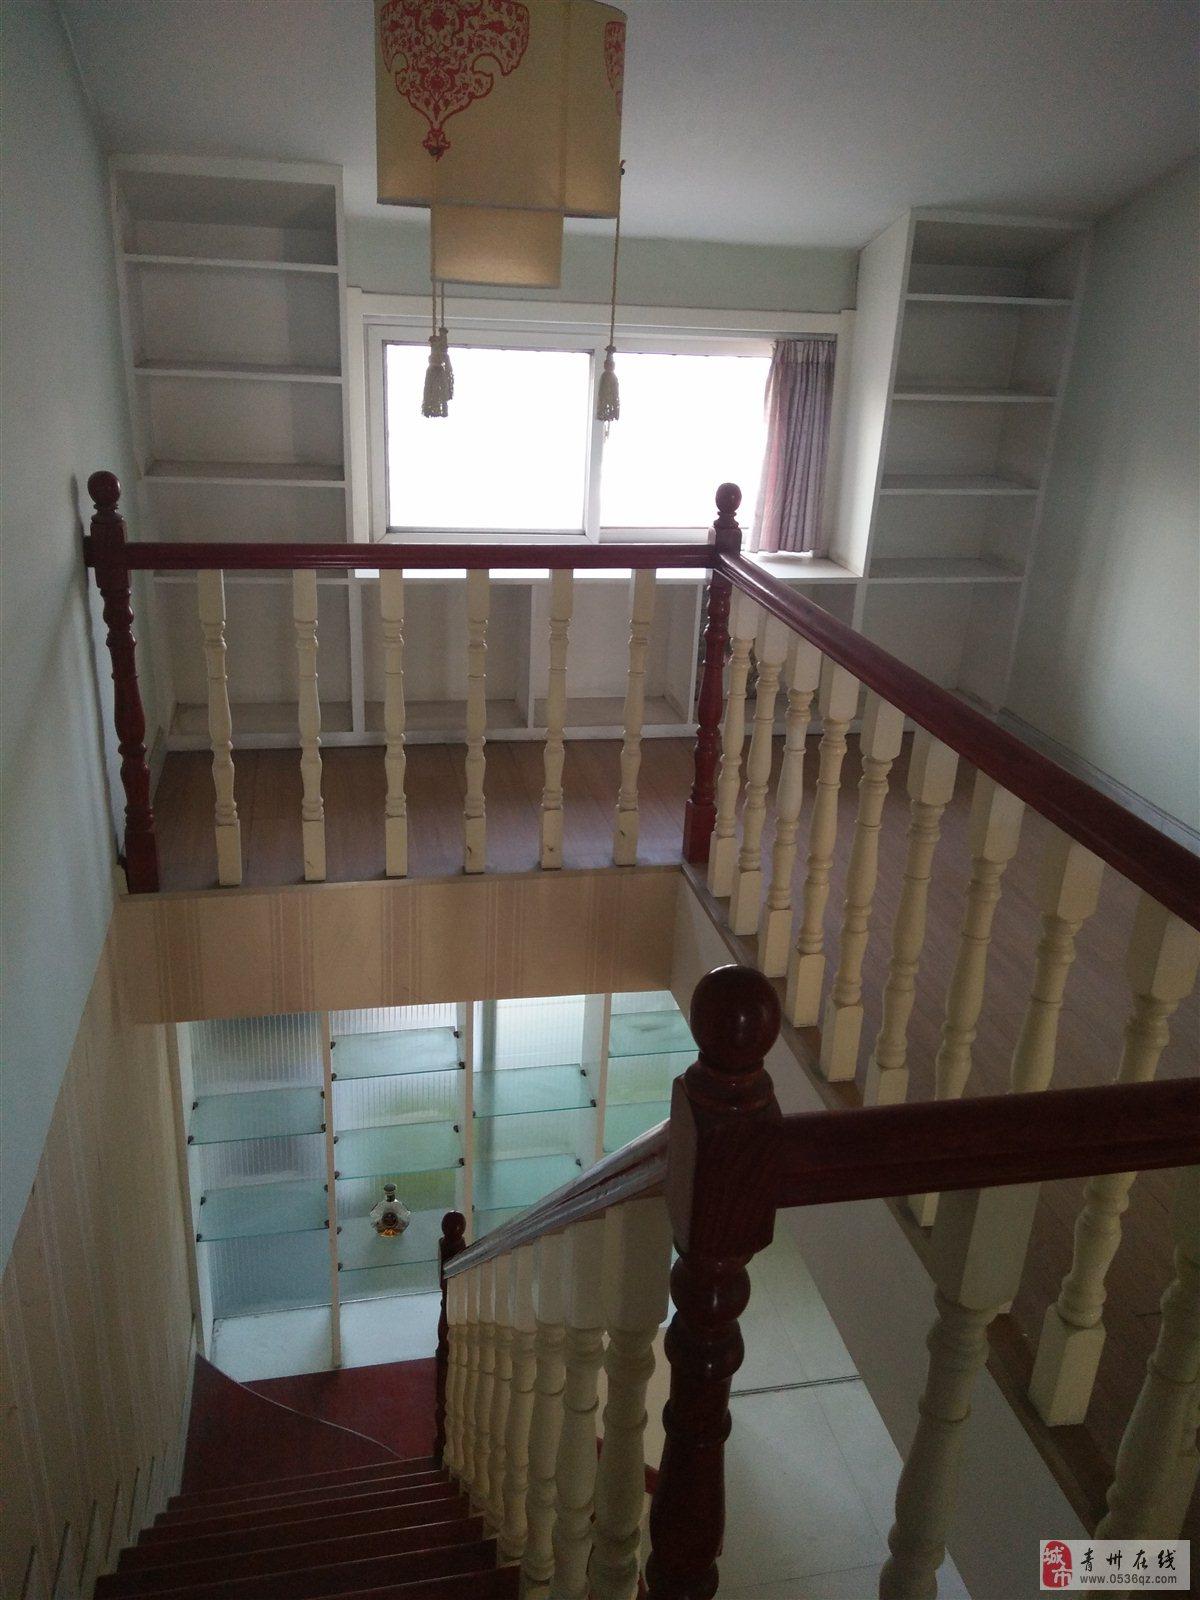 我刚买的房子,5楼带阁楼(阁楼按正房价买的,低于2.2米